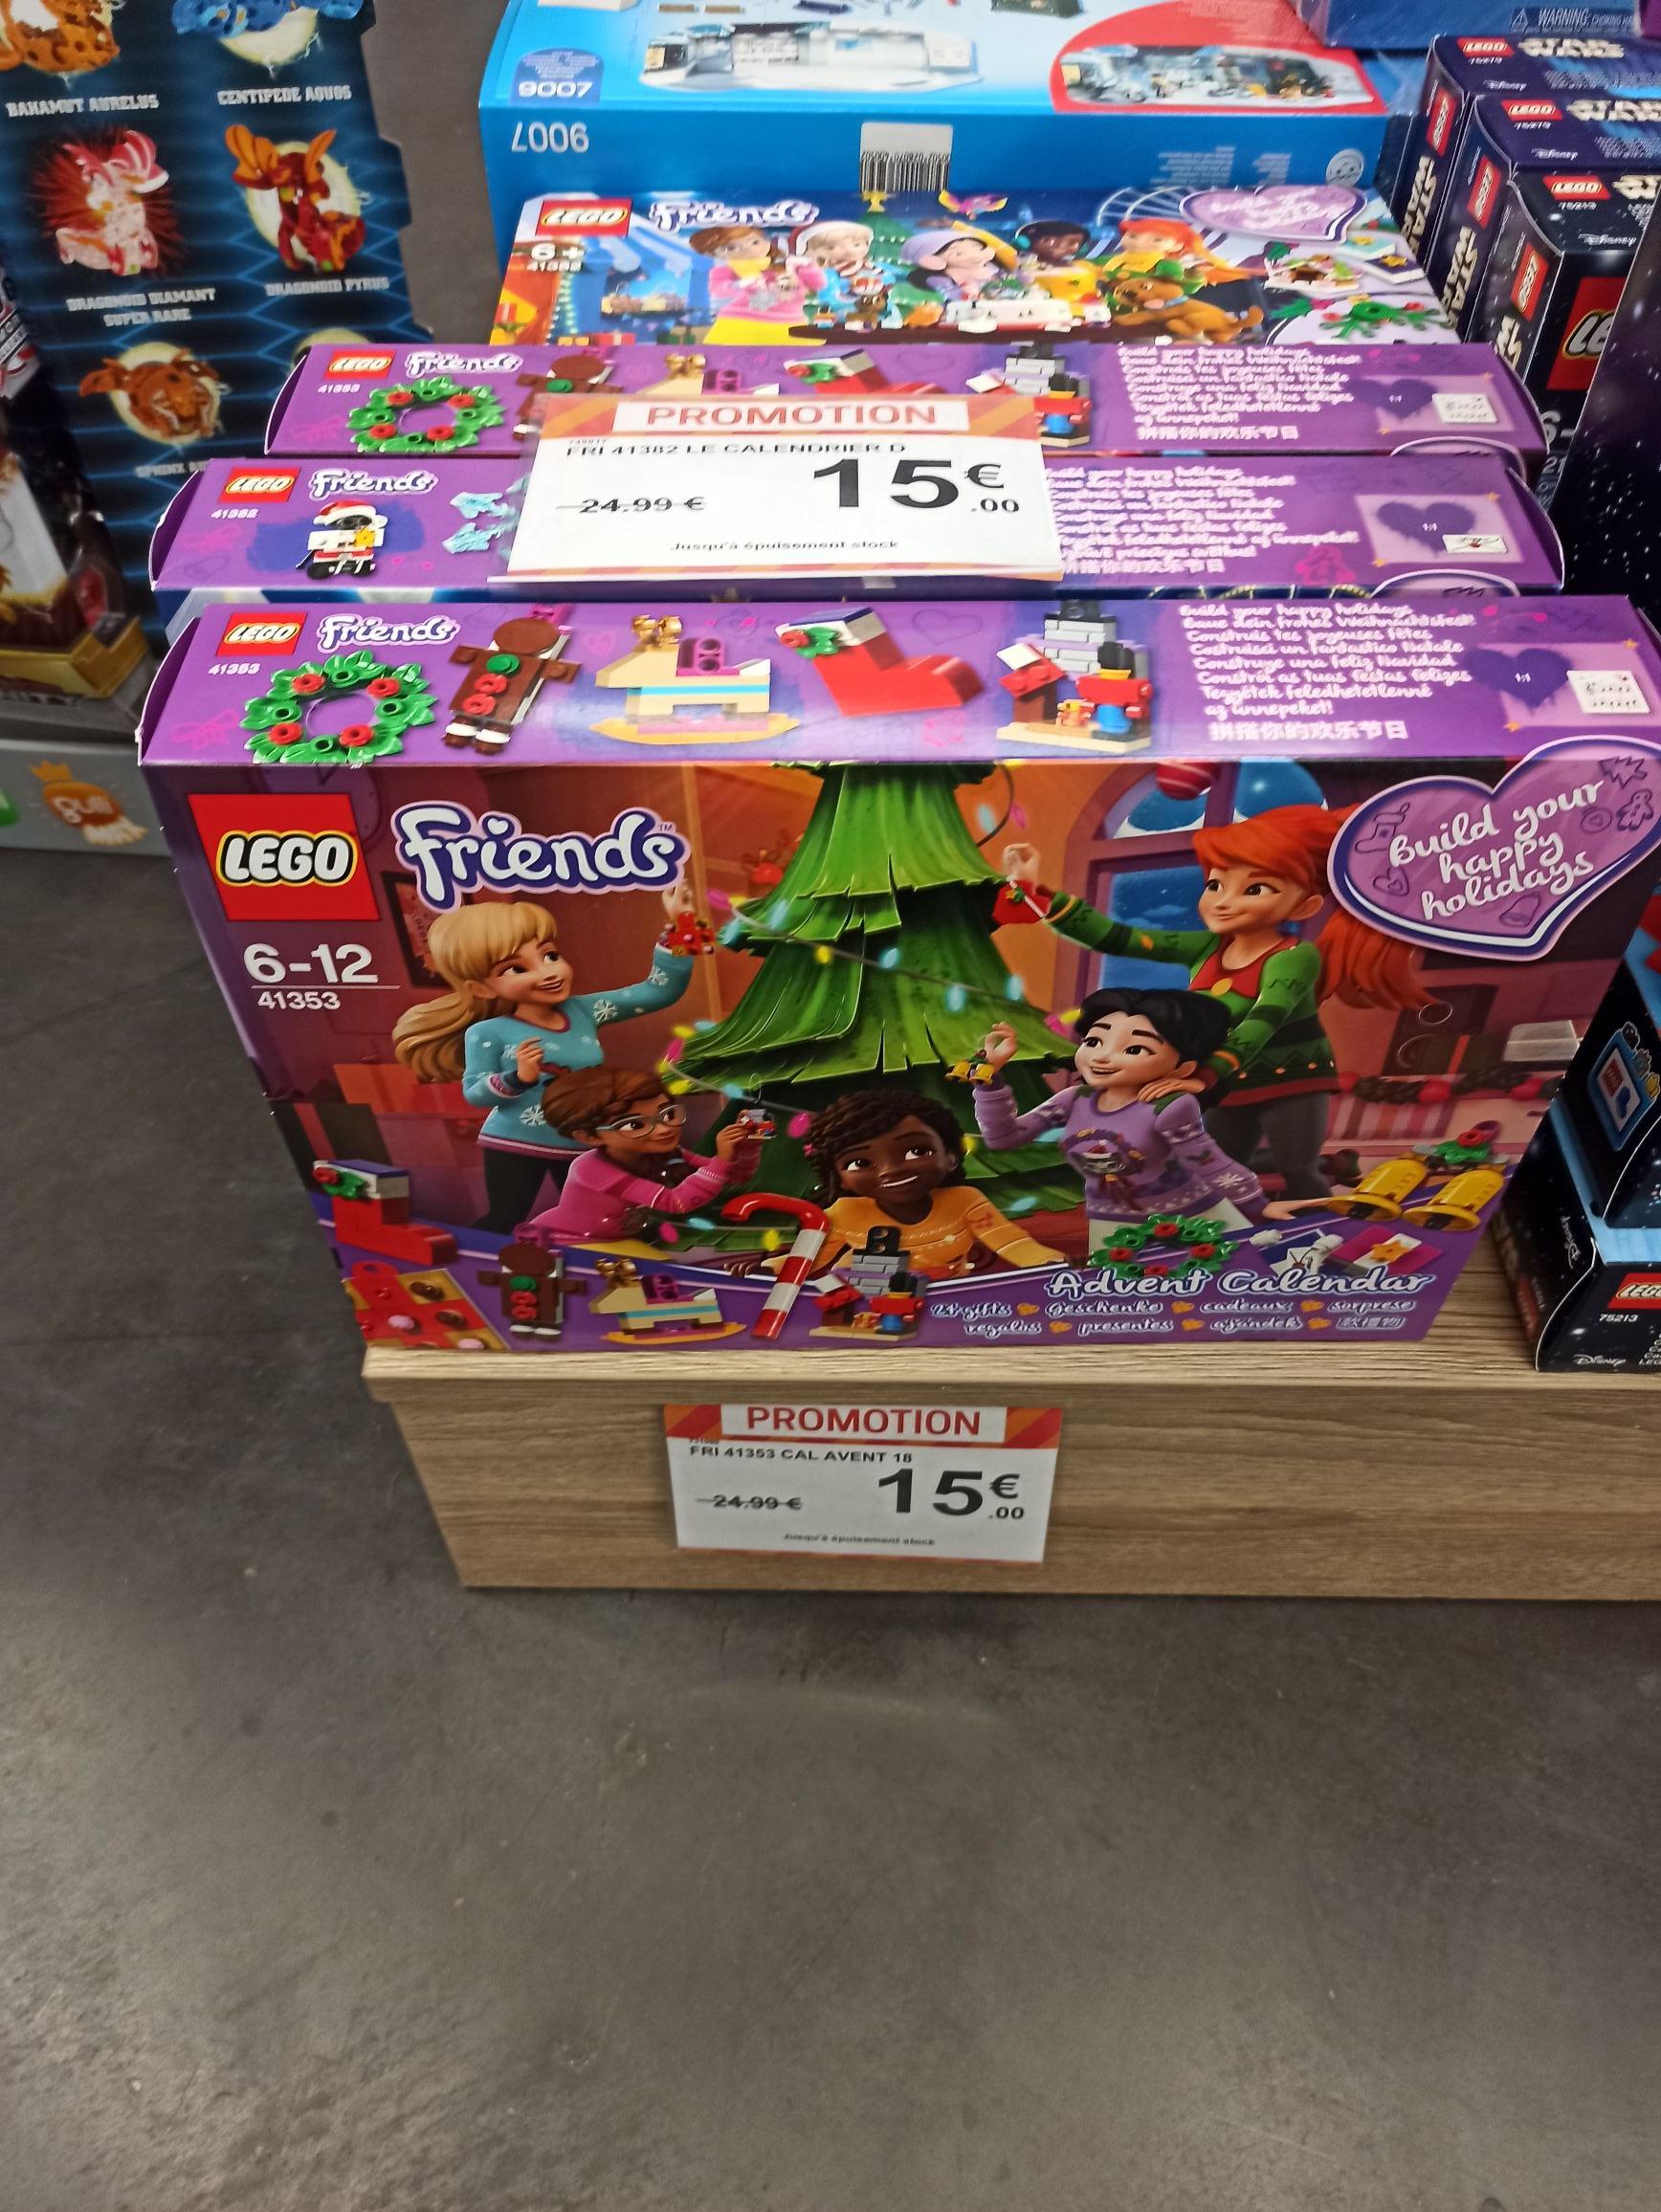 Calendrier de l'Avent Lego Friends - Besançon Chalezeule (25)